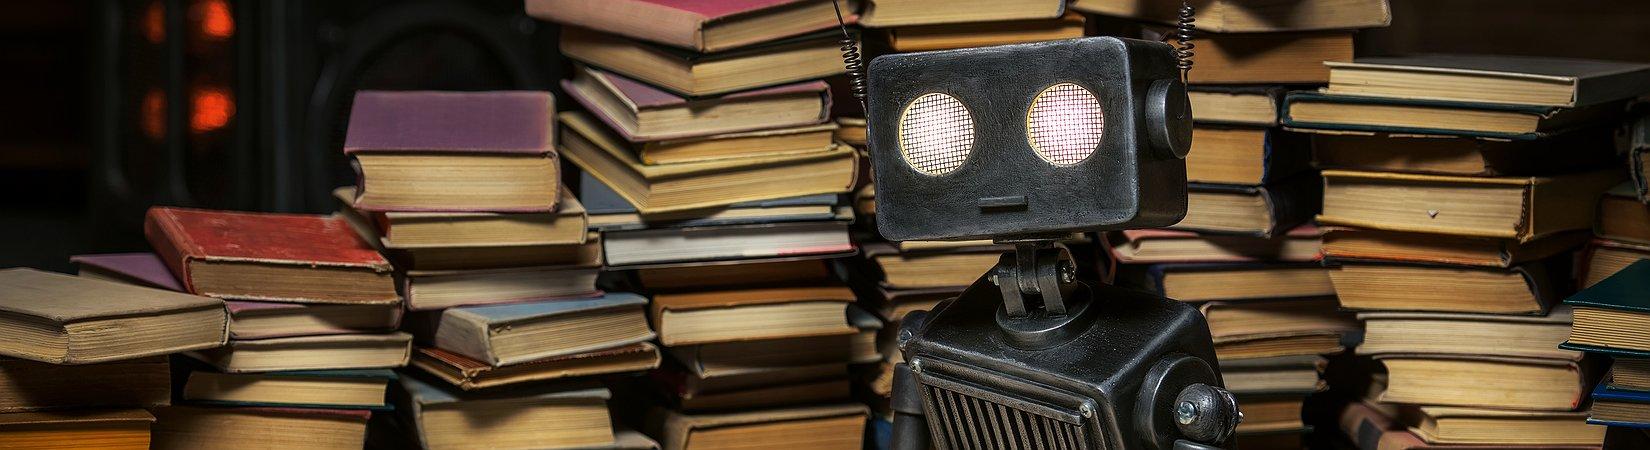 Sci-Fi-Bücher, die in die Zukunft sahen